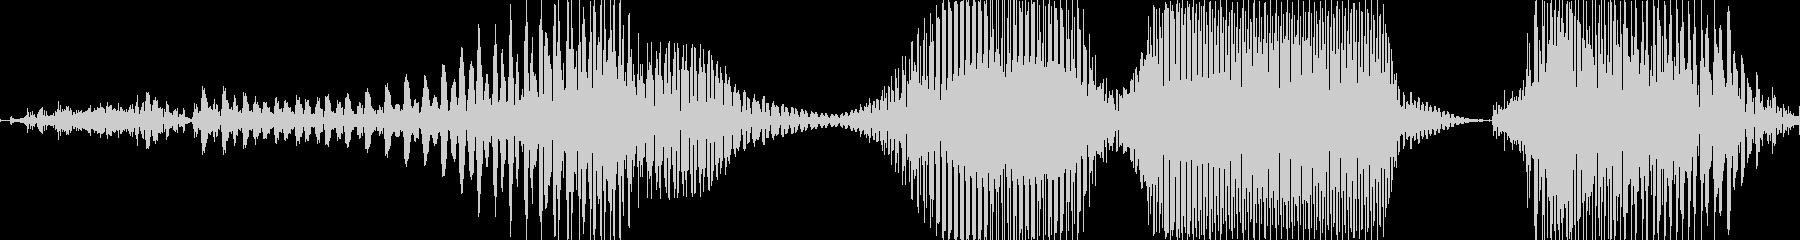 コンプリート!の未再生の波形